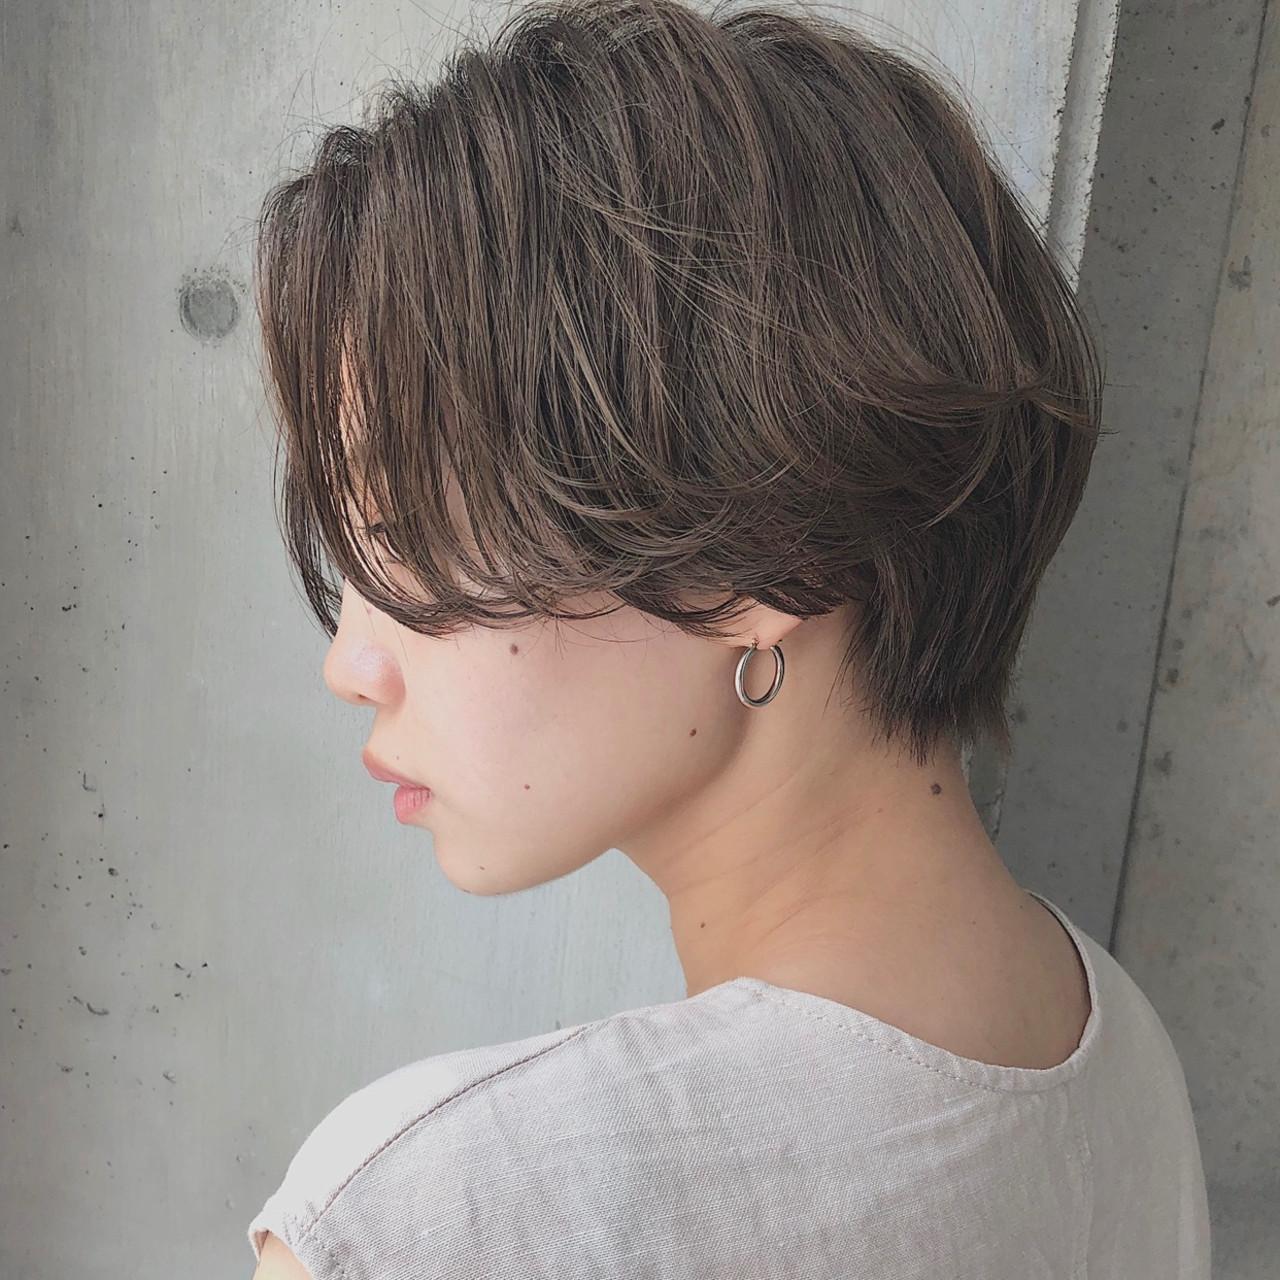 ショートボブ ナチュラル ハンサムショート ショート ヘアスタイルや髪型の写真・画像 | 石川有里彩 / リュドール栄